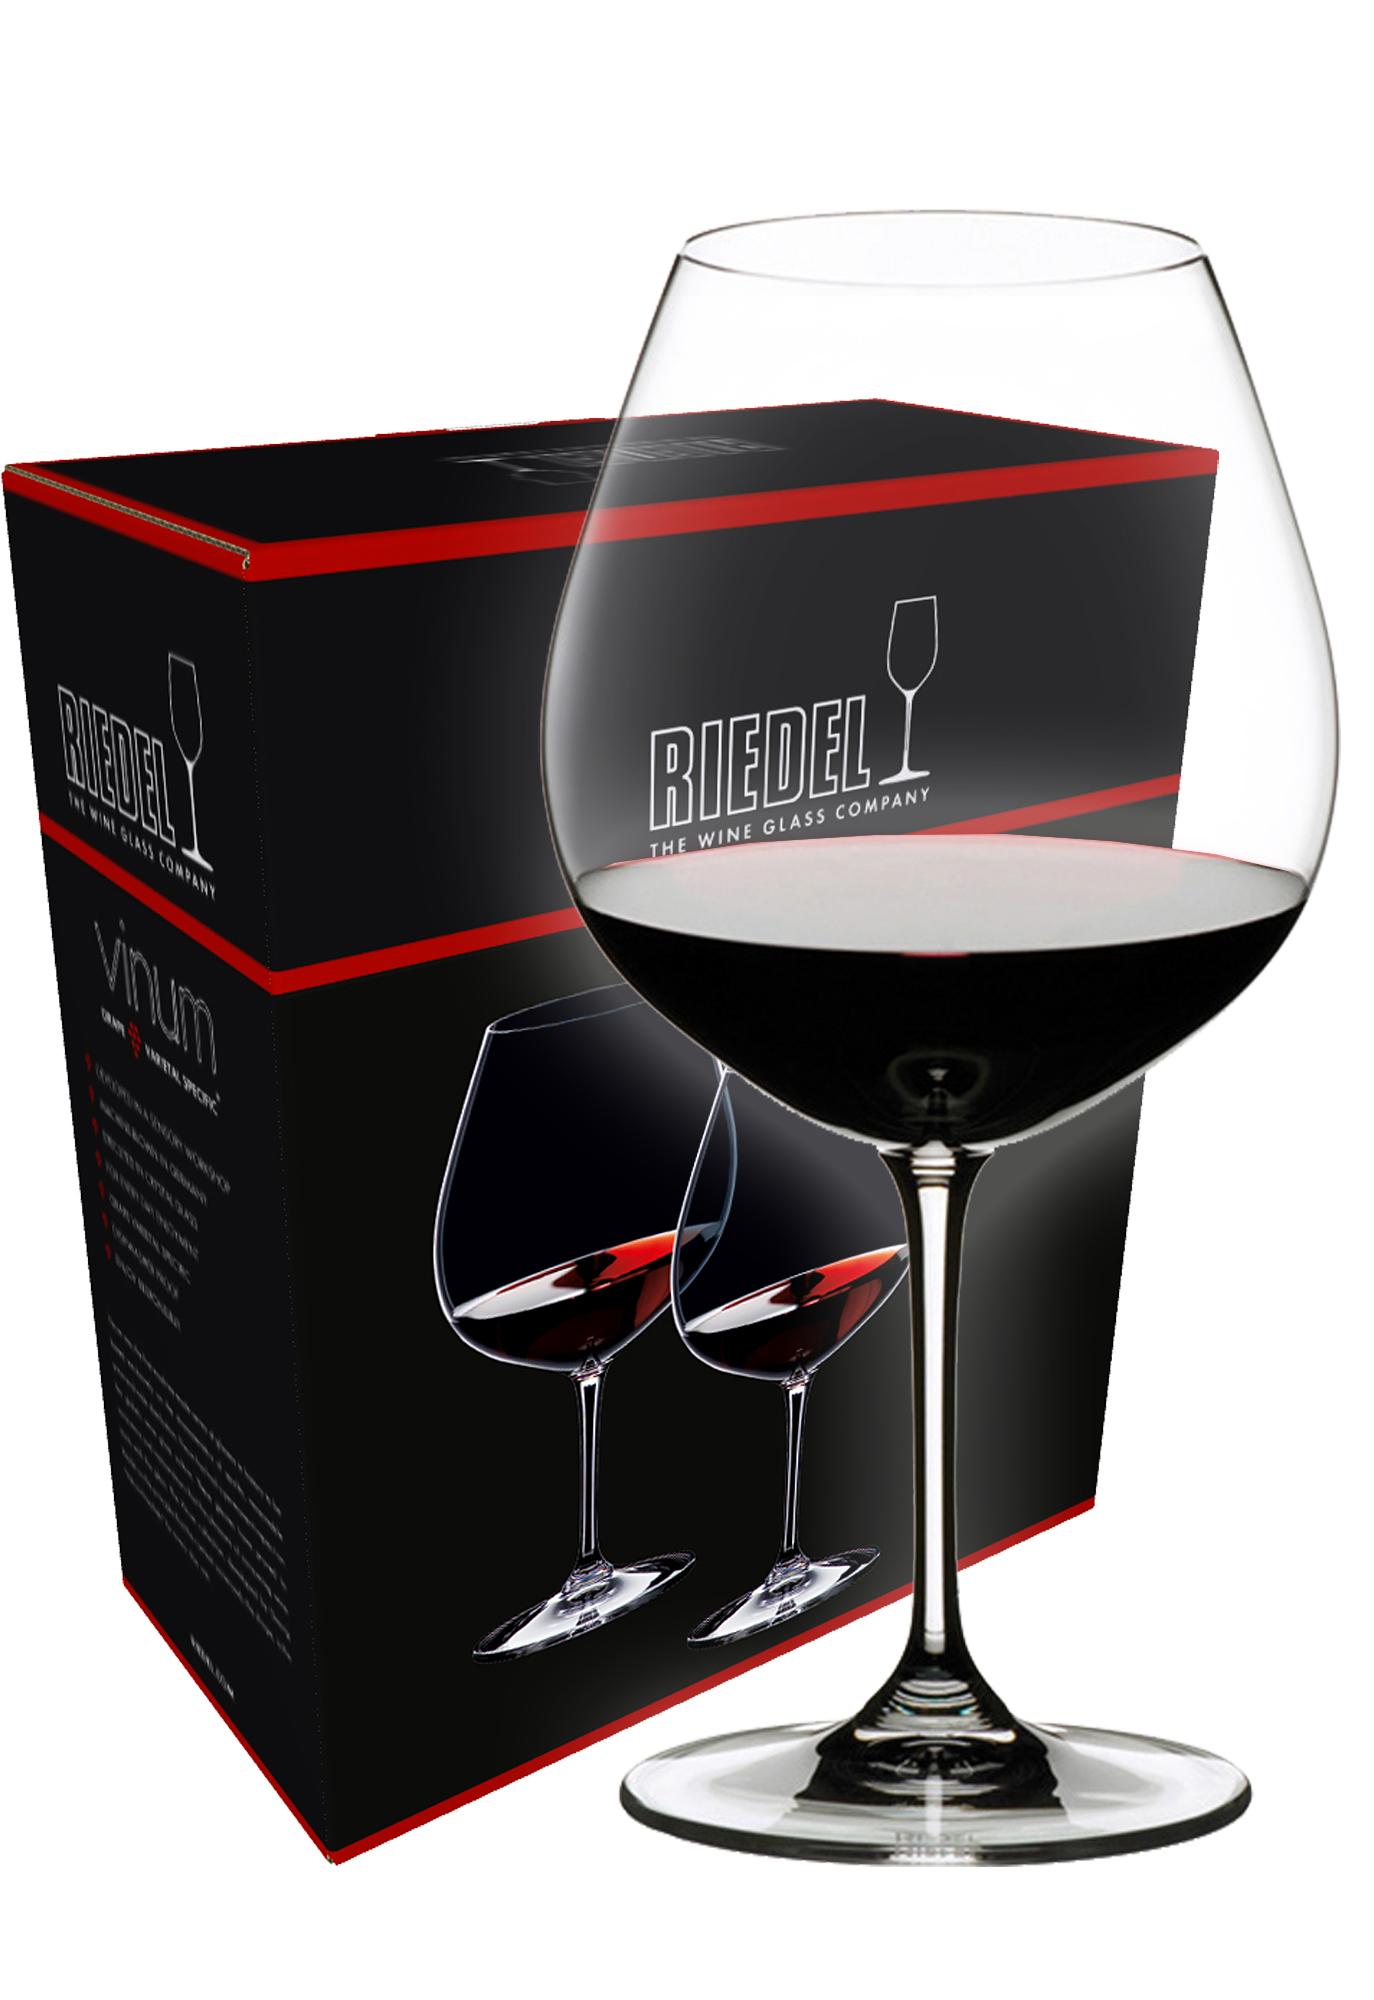 Riedel Vinum Pinot Noir wijnglas (set van 2 voor € 44,90)